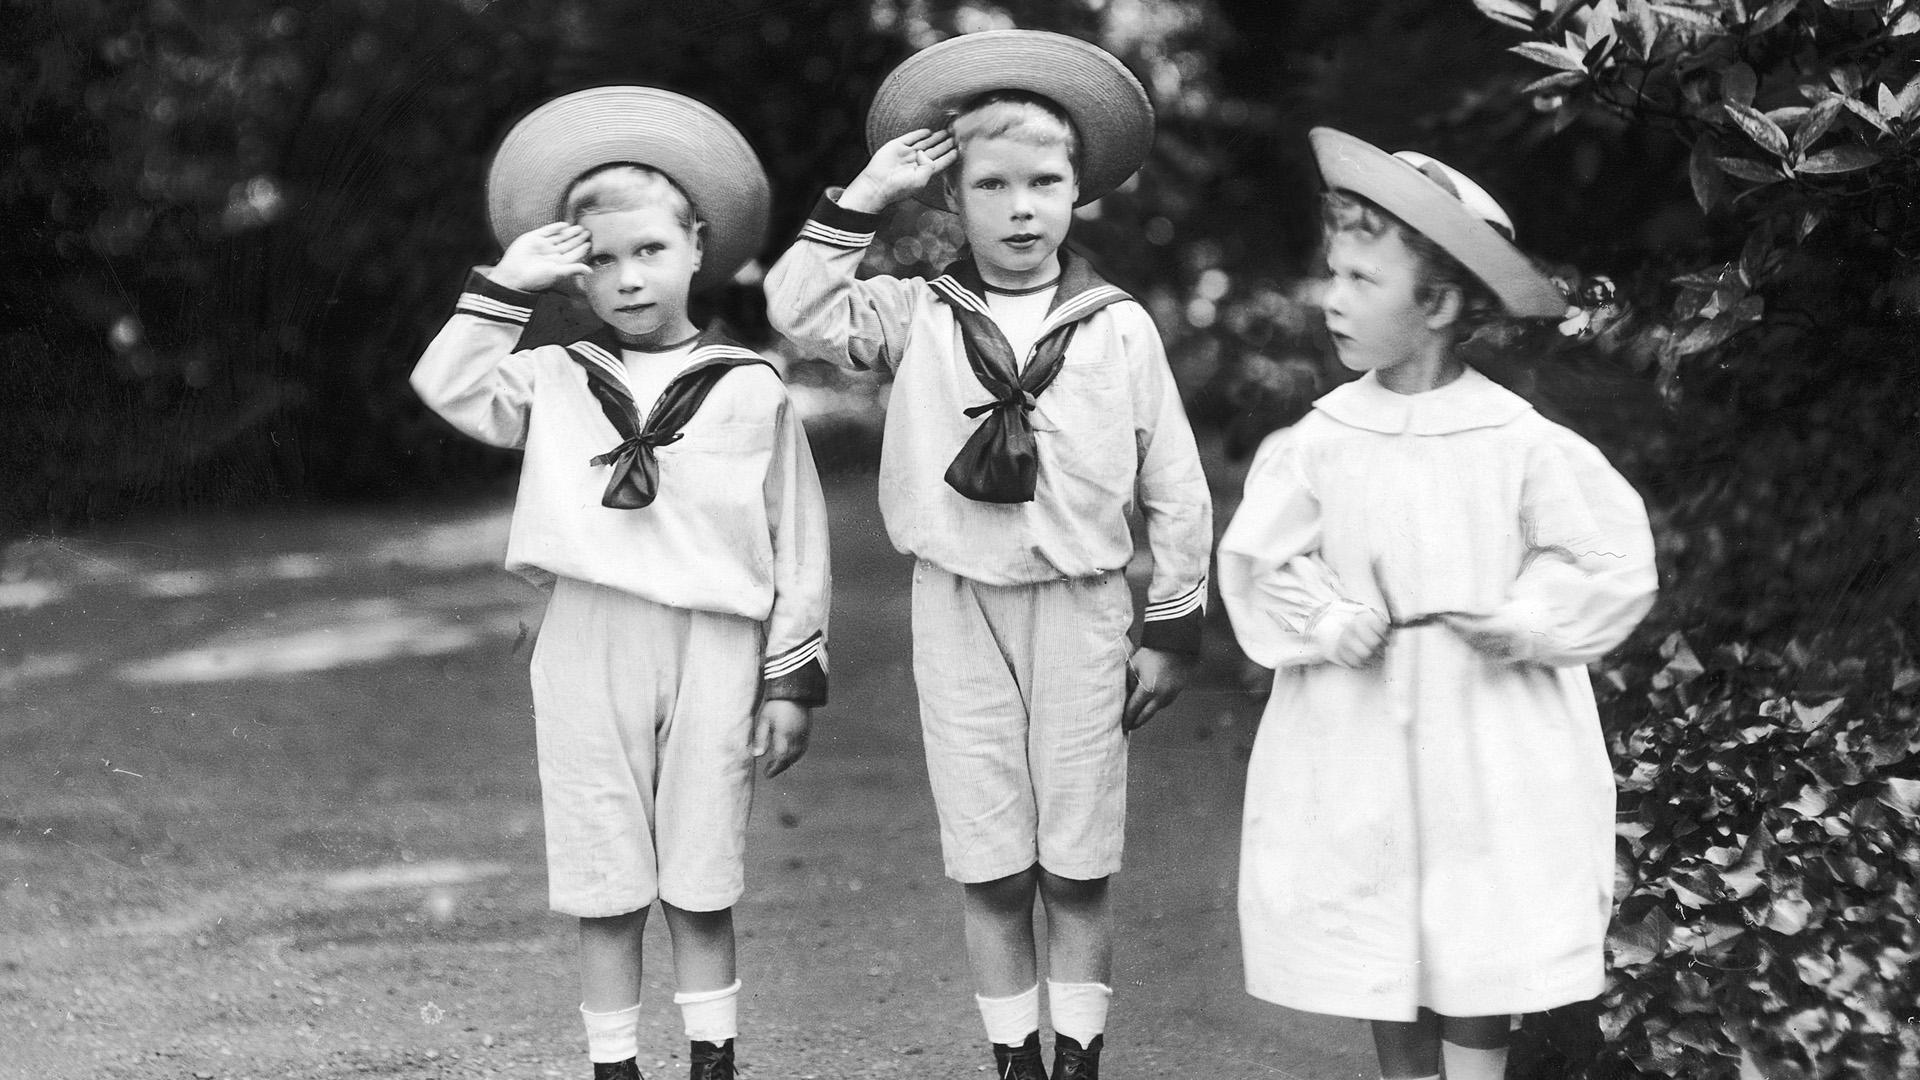 Kínzások, szadista nevelők, gyilkos dajkák - Rémtörténetek a királyi gyerekszobákból